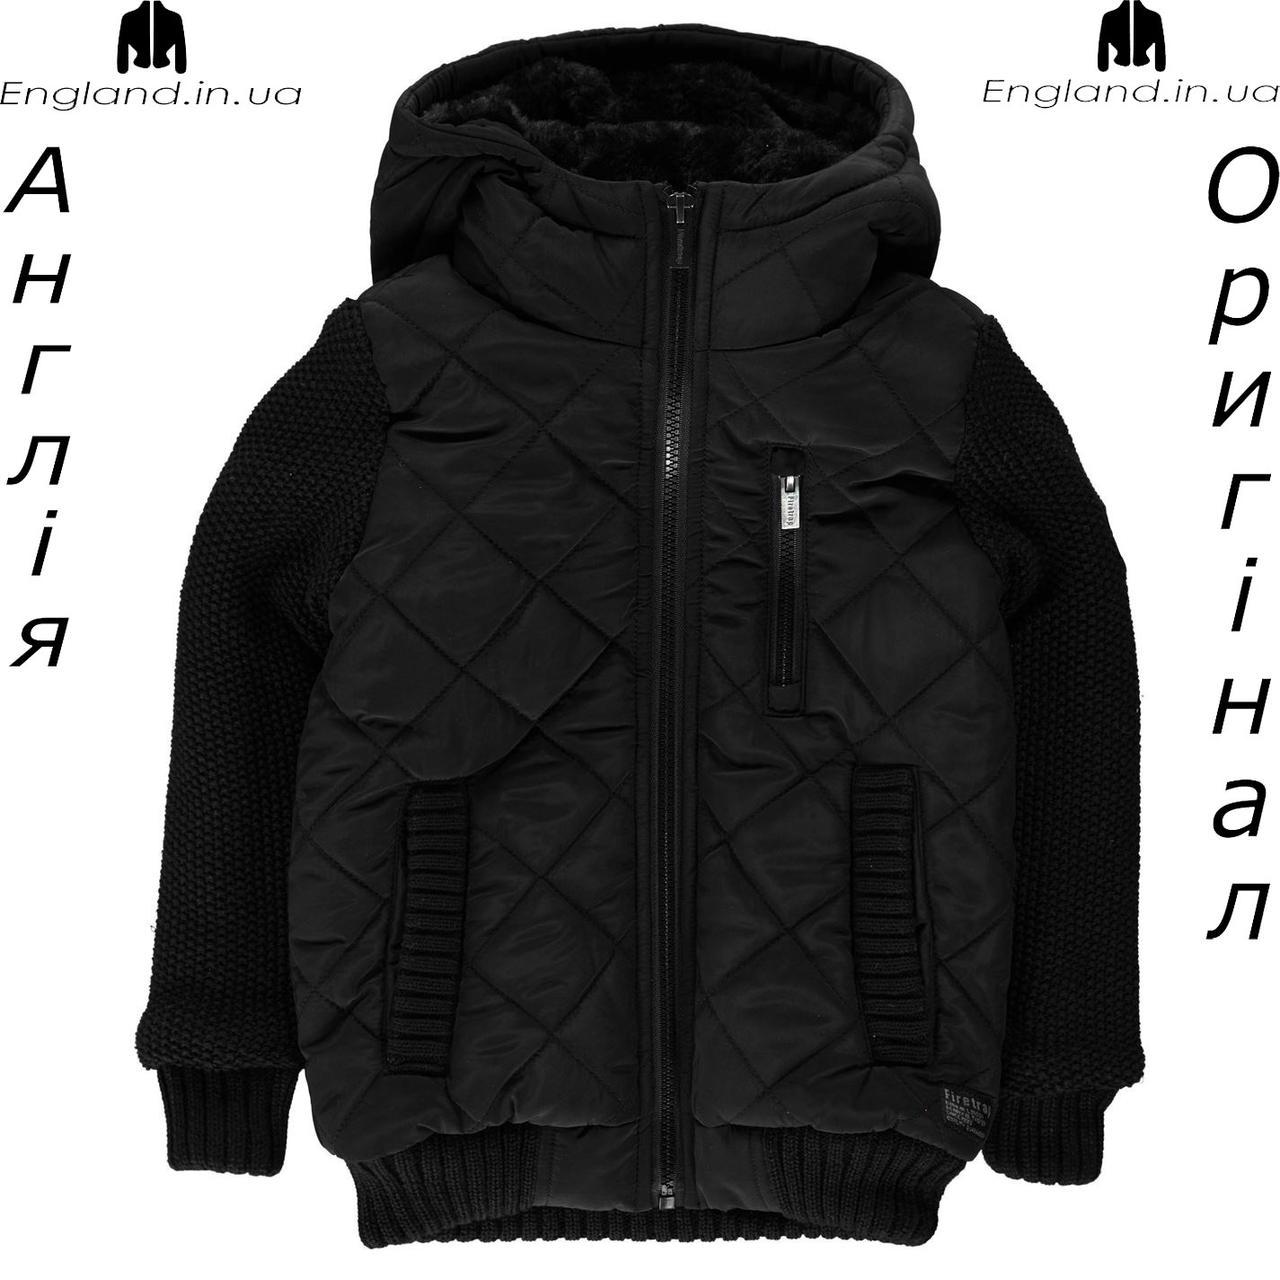 Куртка Firetrap из Англии для мальчиков 2-14 лет - полувязаная осенняя